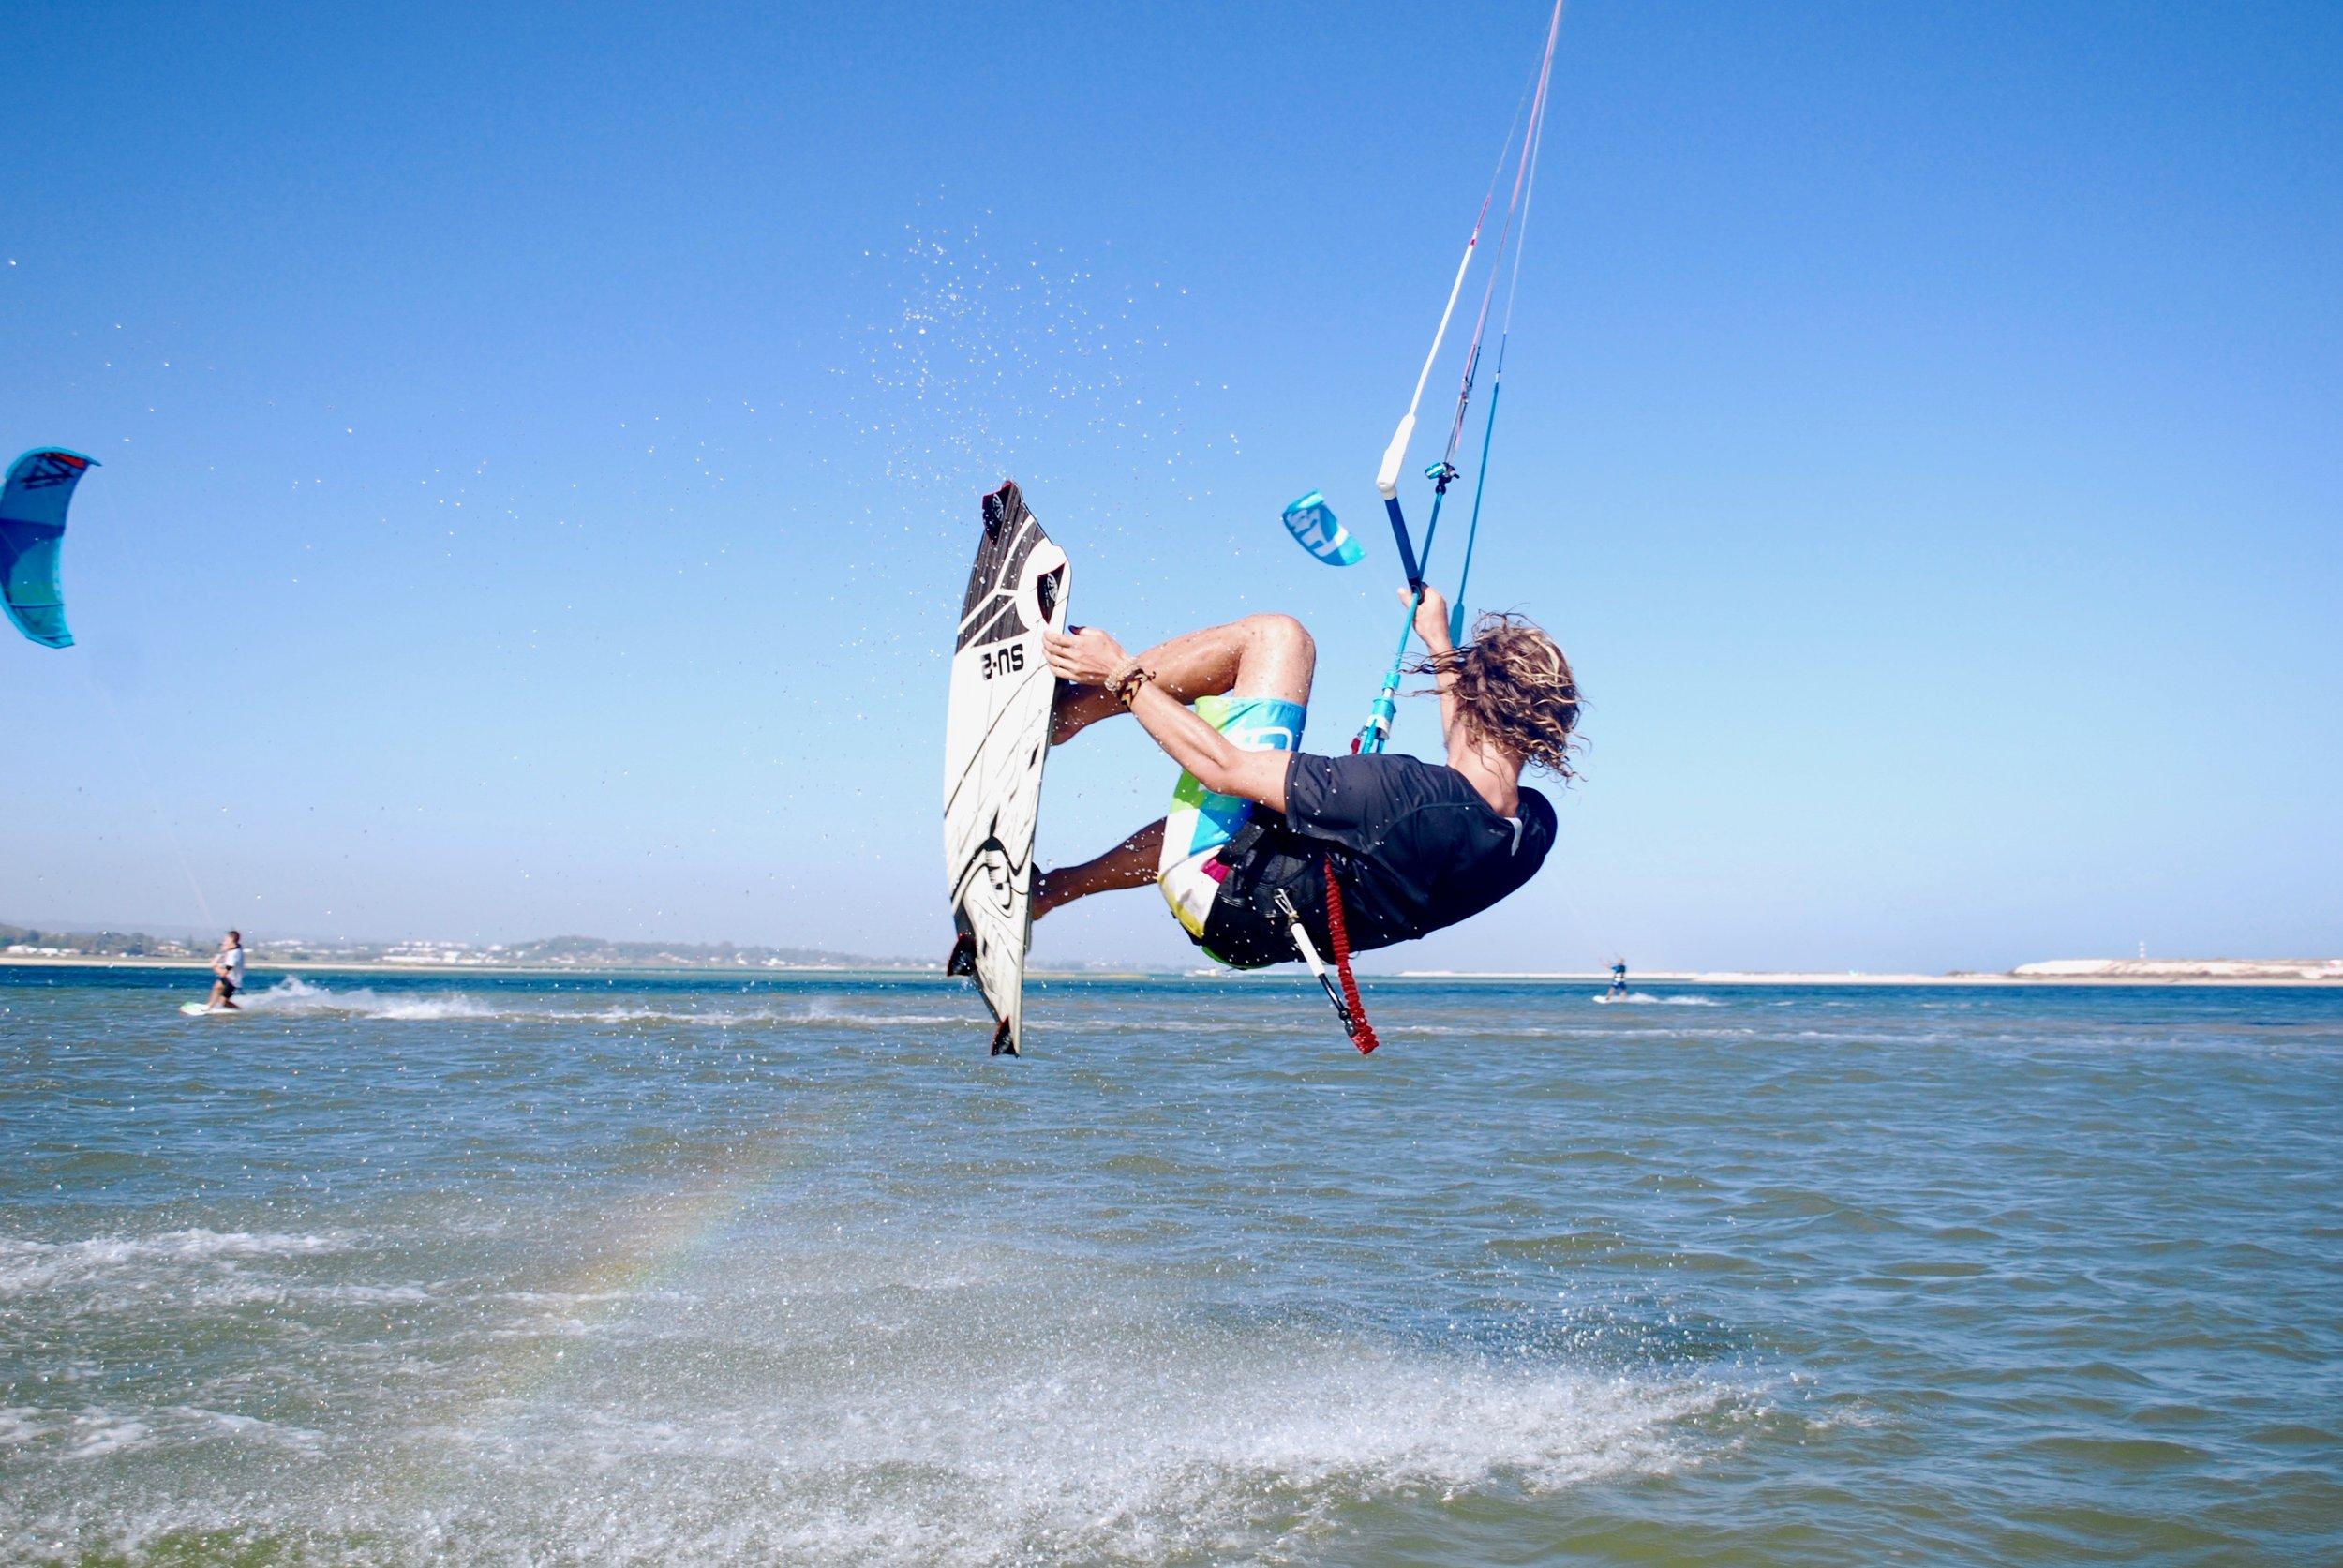 Kitesurfing - Fuseta Lagoon, Faro, Algarve, Portugal